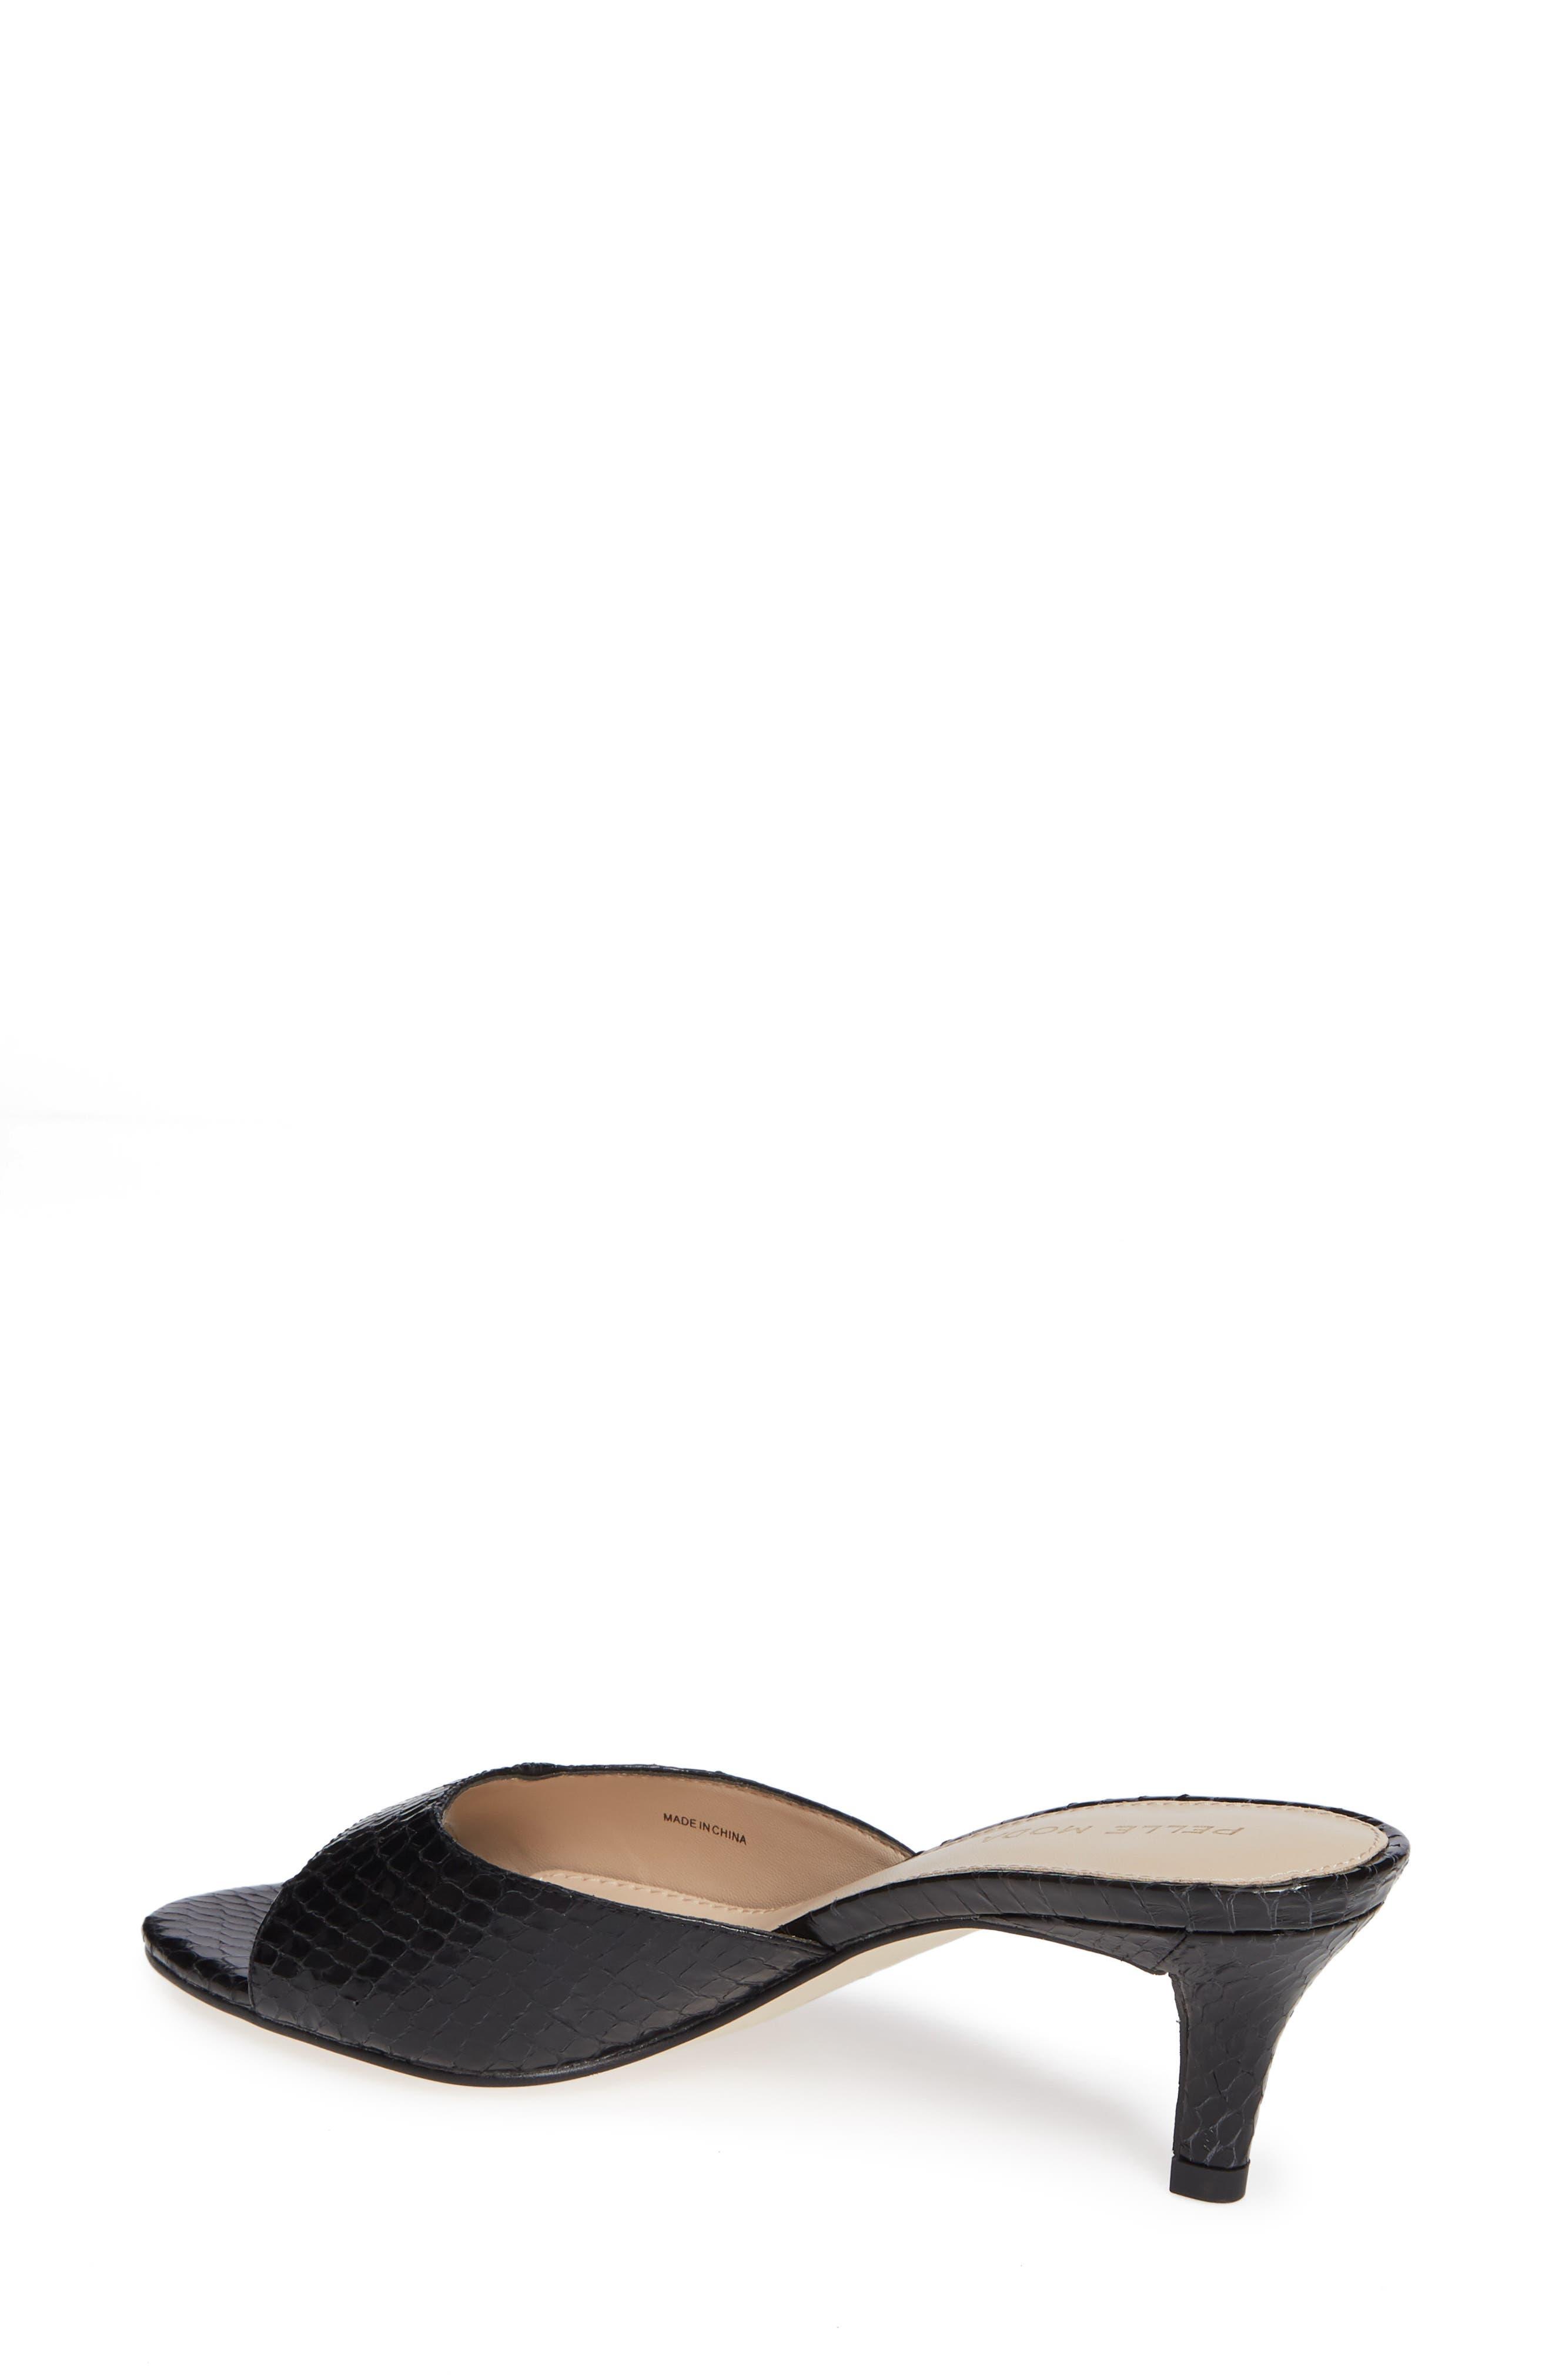 Bex Kitten Heel Slide Sandal,                             Alternate thumbnail 2, color,                             BLACK PRINT LEATHER